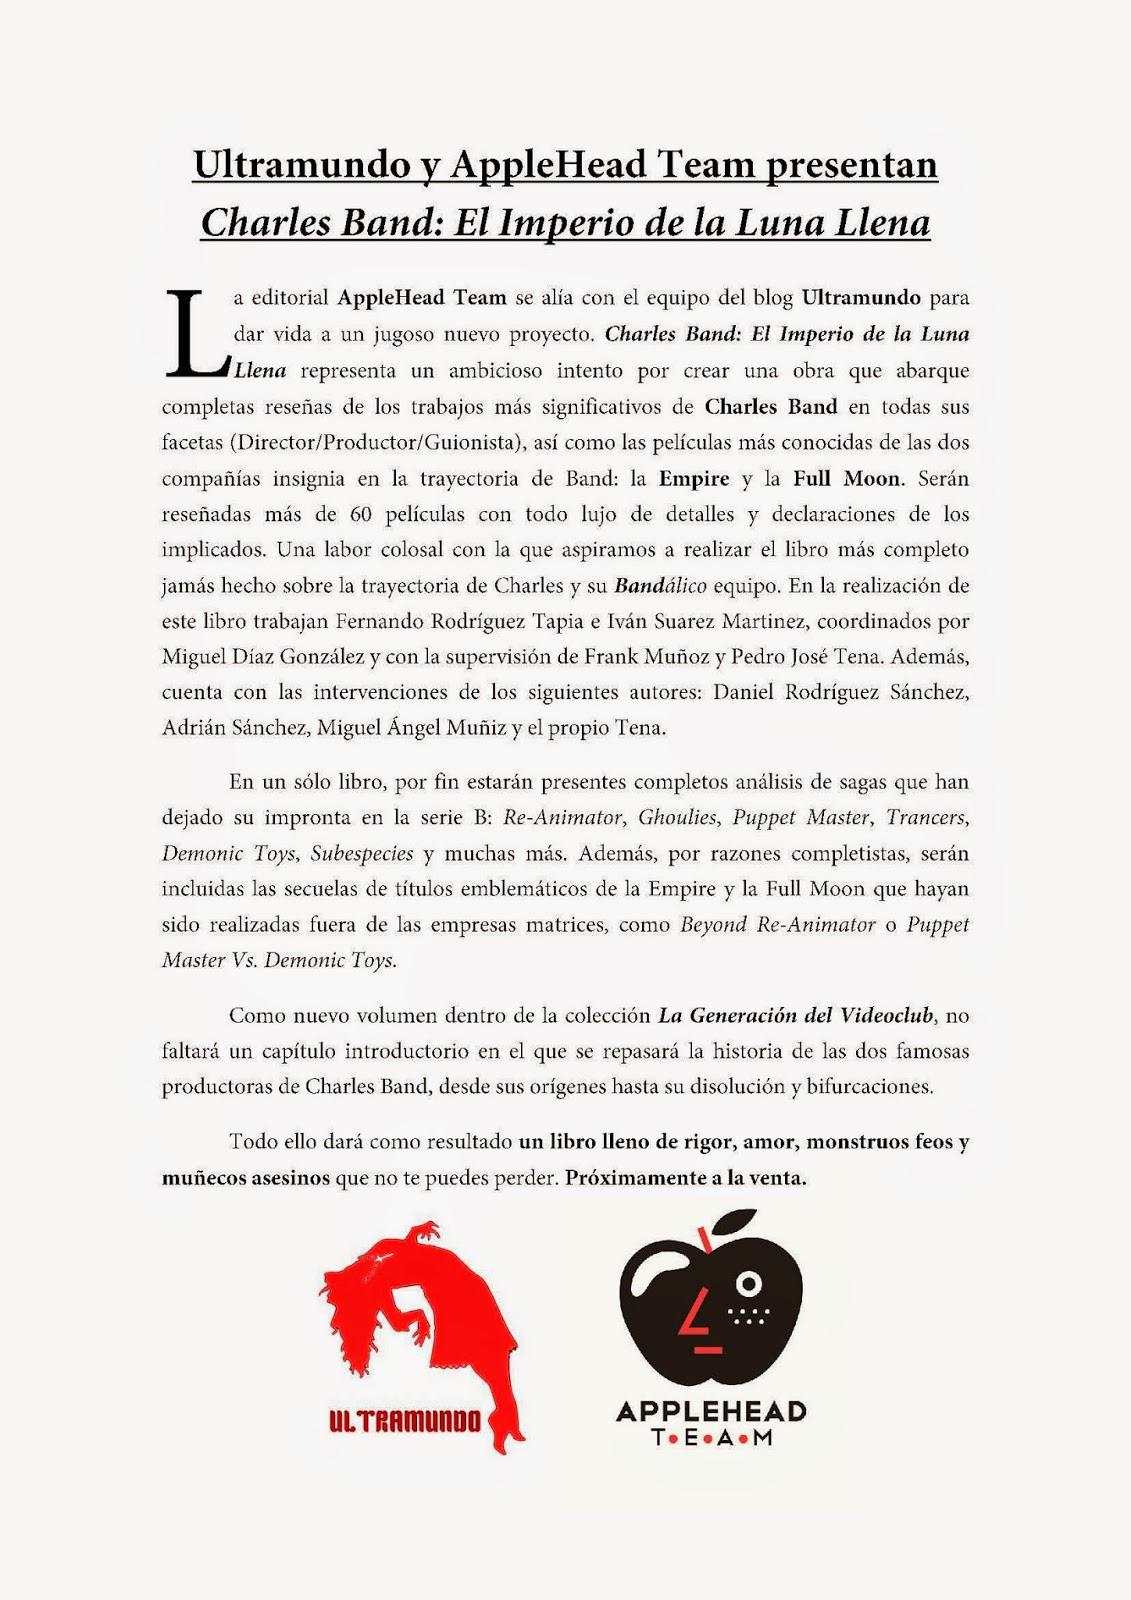 """""""AppleHead Team"""" y """"Ultramundo"""" unen esfuerzos para el libro """"Charles Band   El Imperio de la Luna Llena"""" 342420acbde"""